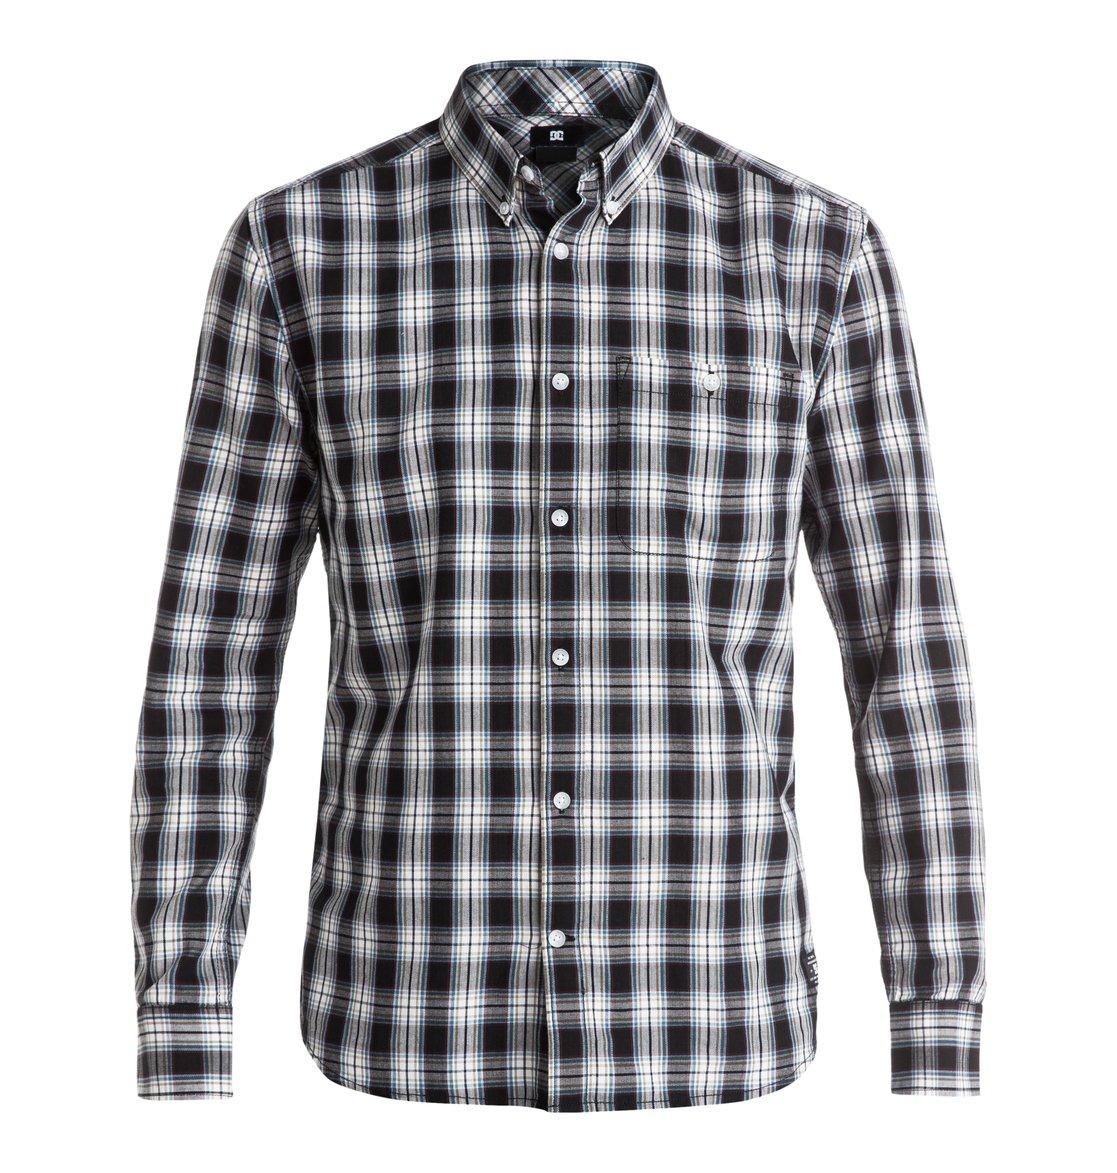 Рубашка Atura с длинным рукавом рубашка в клетку dc atura 3 atura black page 5